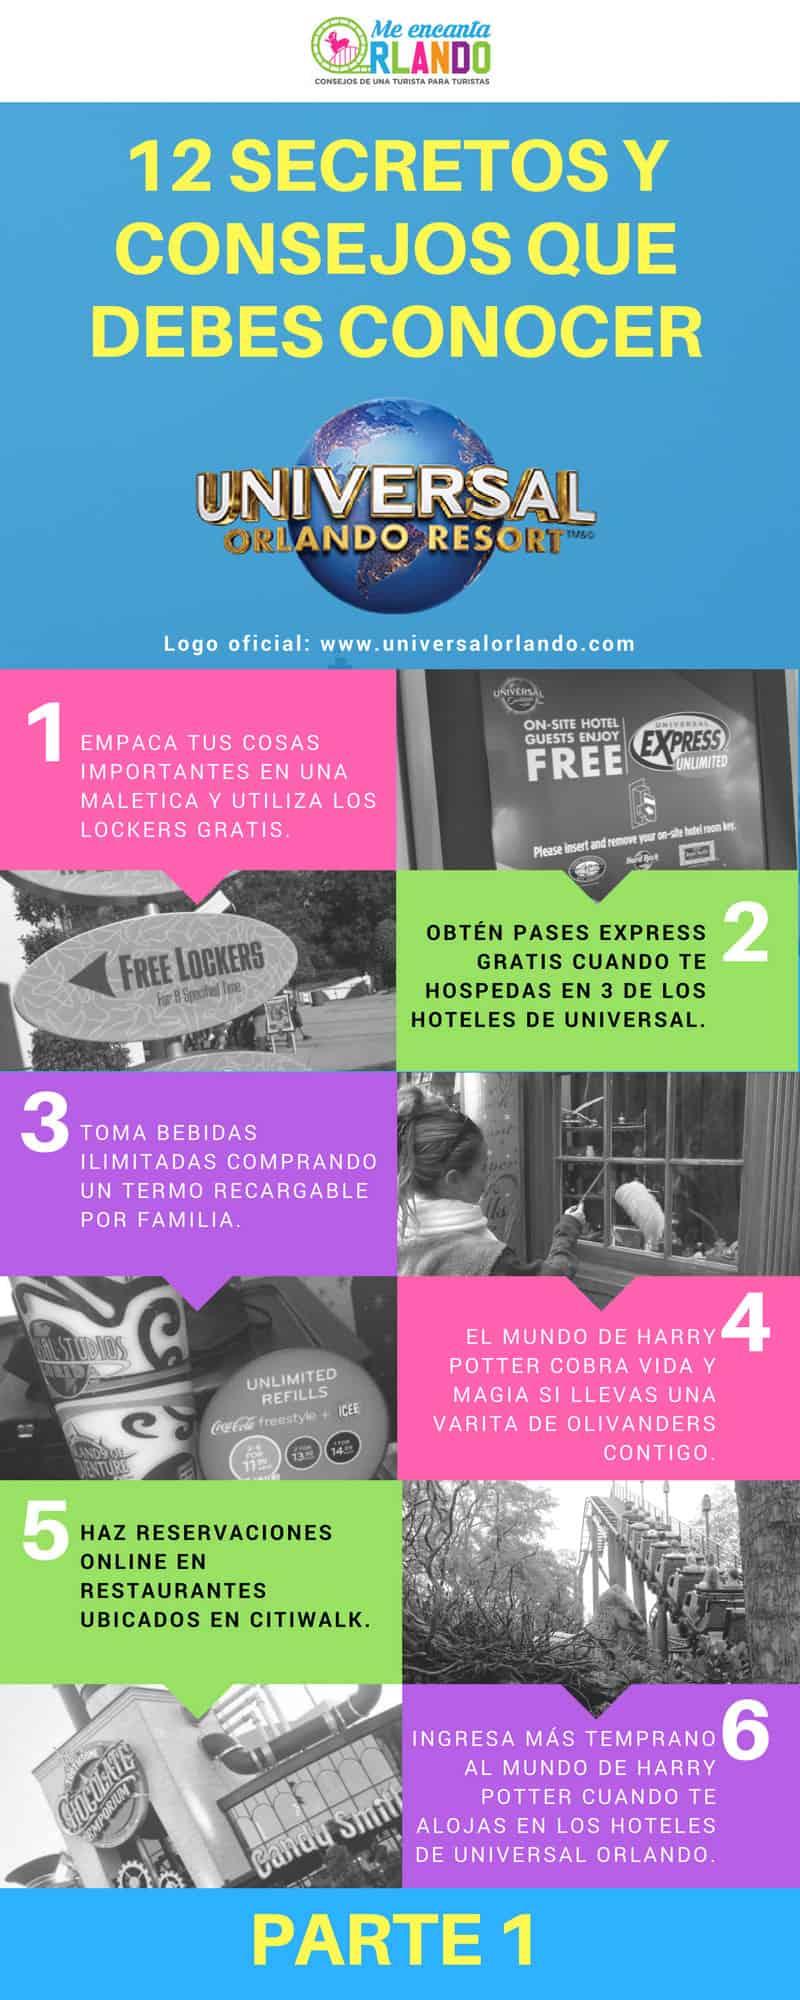 12 consejos para visitar Universal Orlando